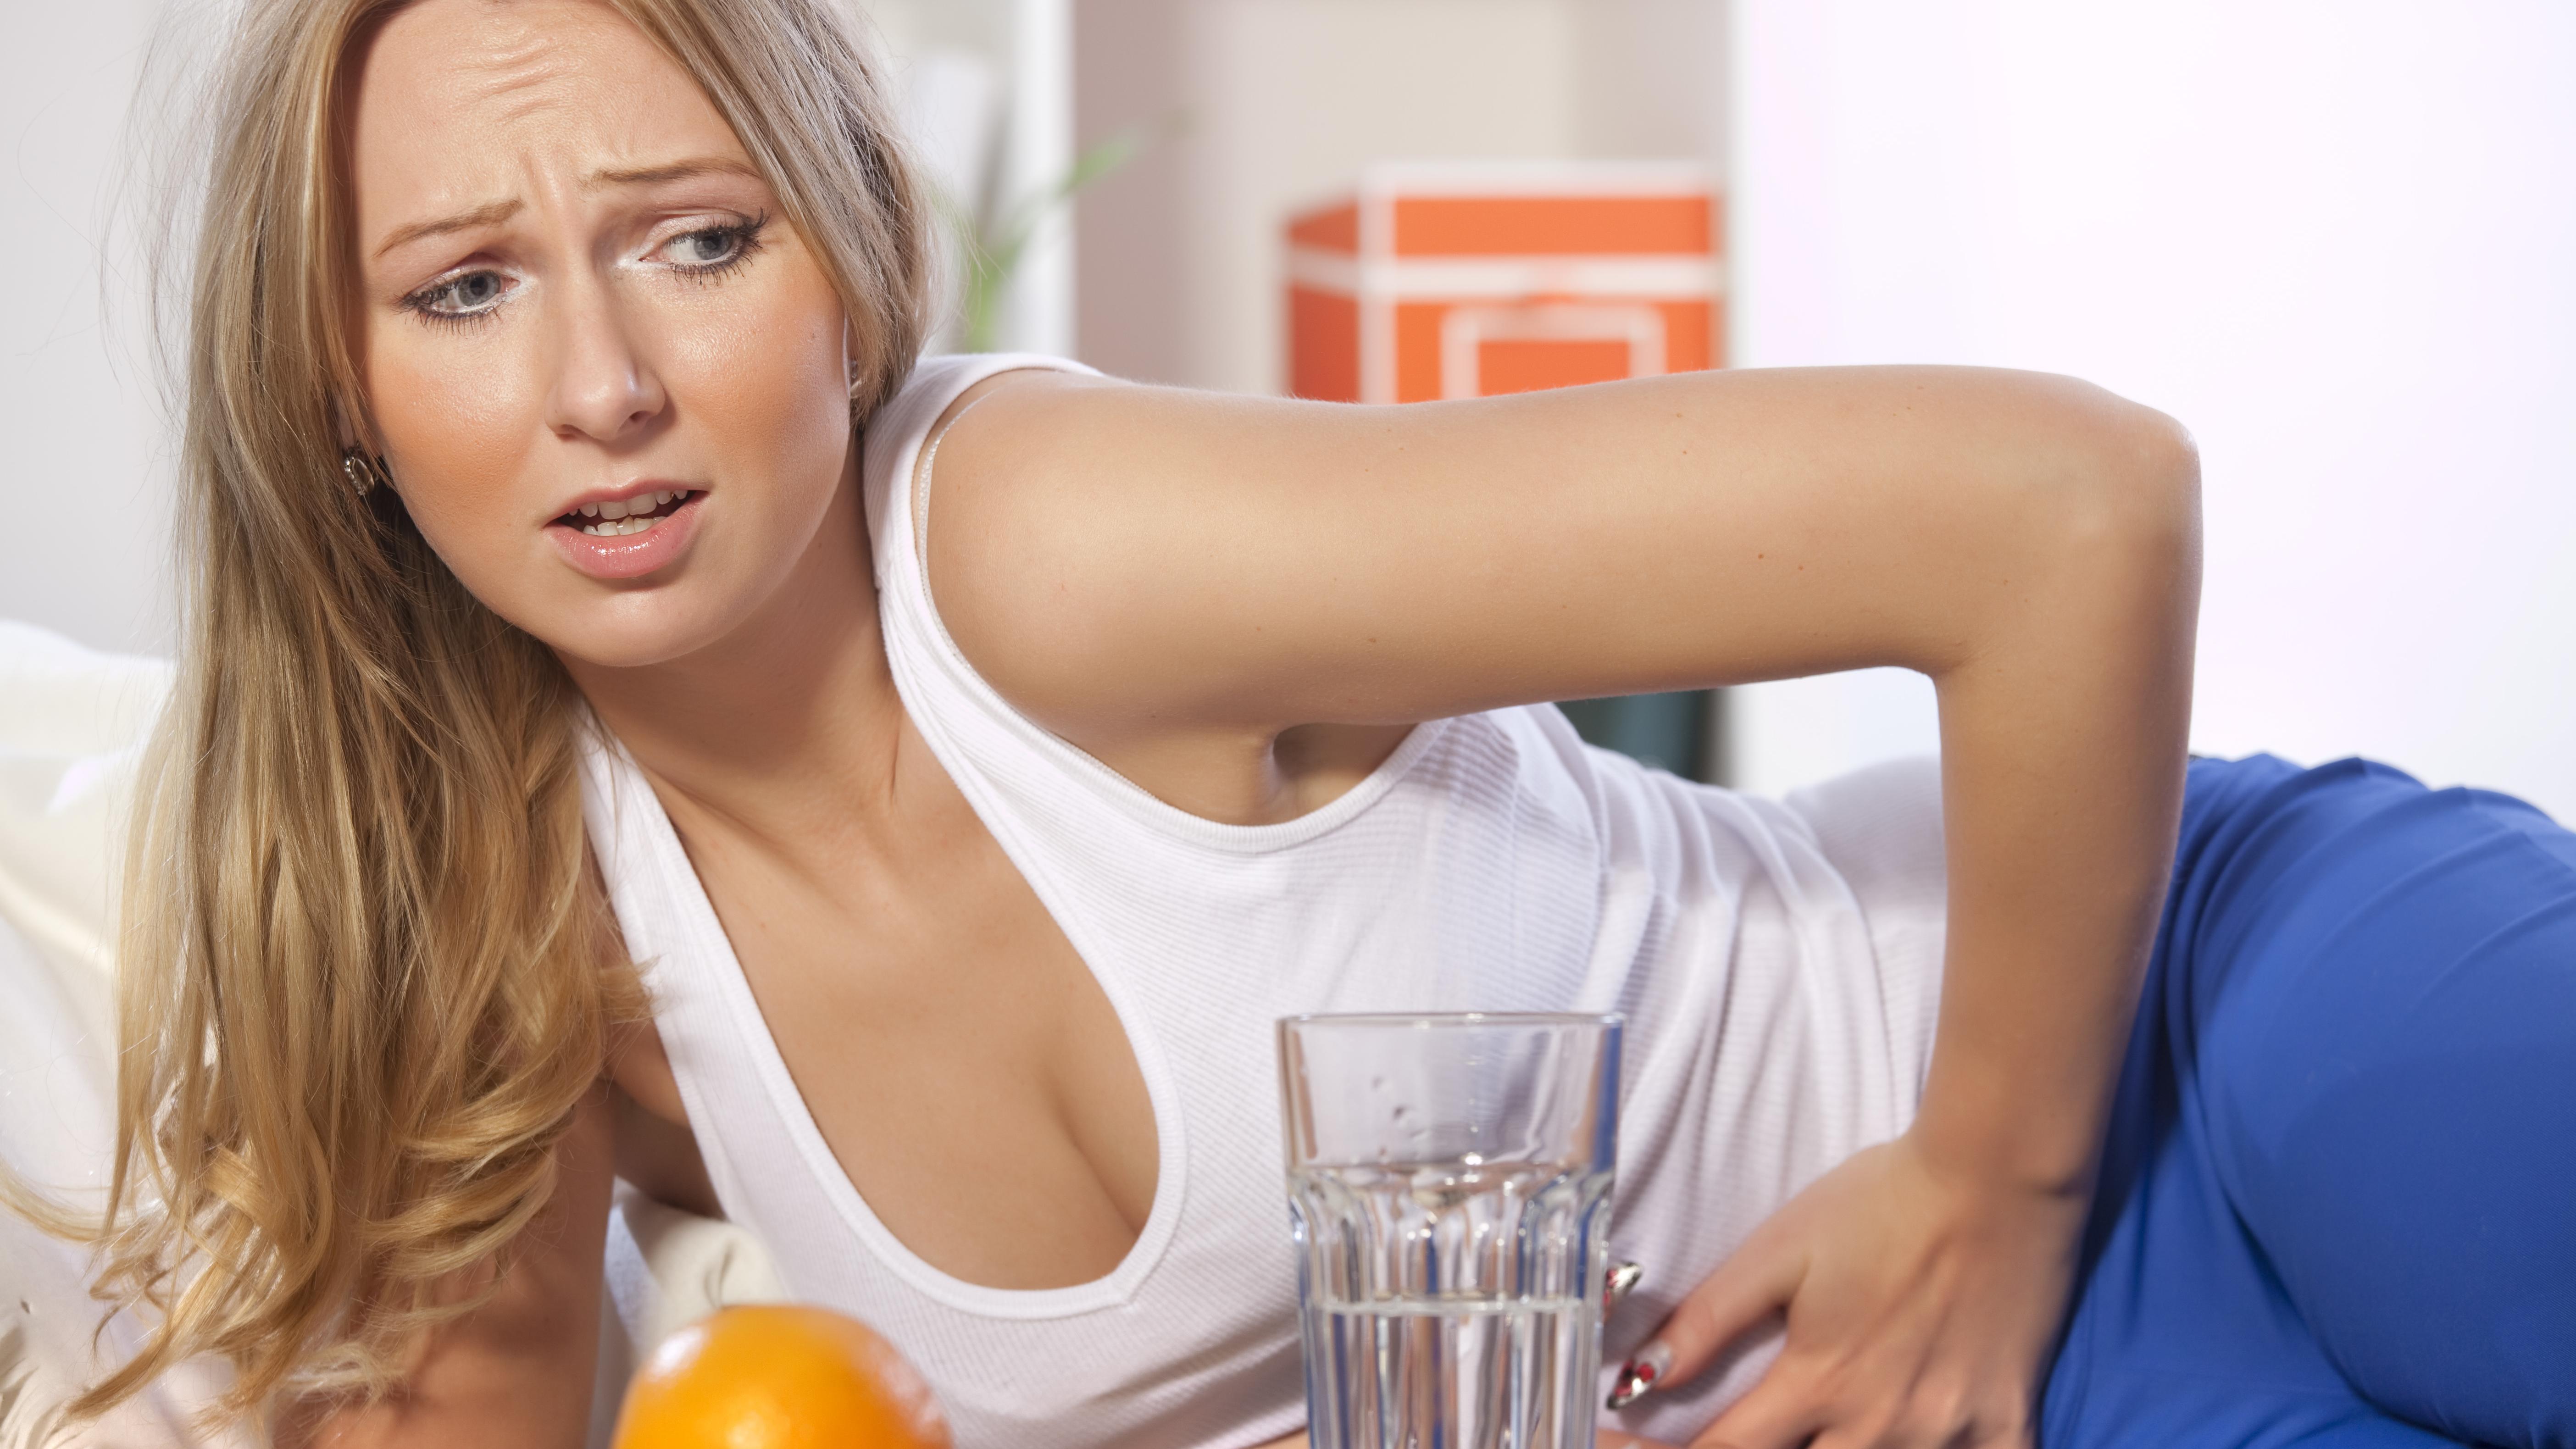 Völlegefühl nach wenig Essen: Daran kann's liegen